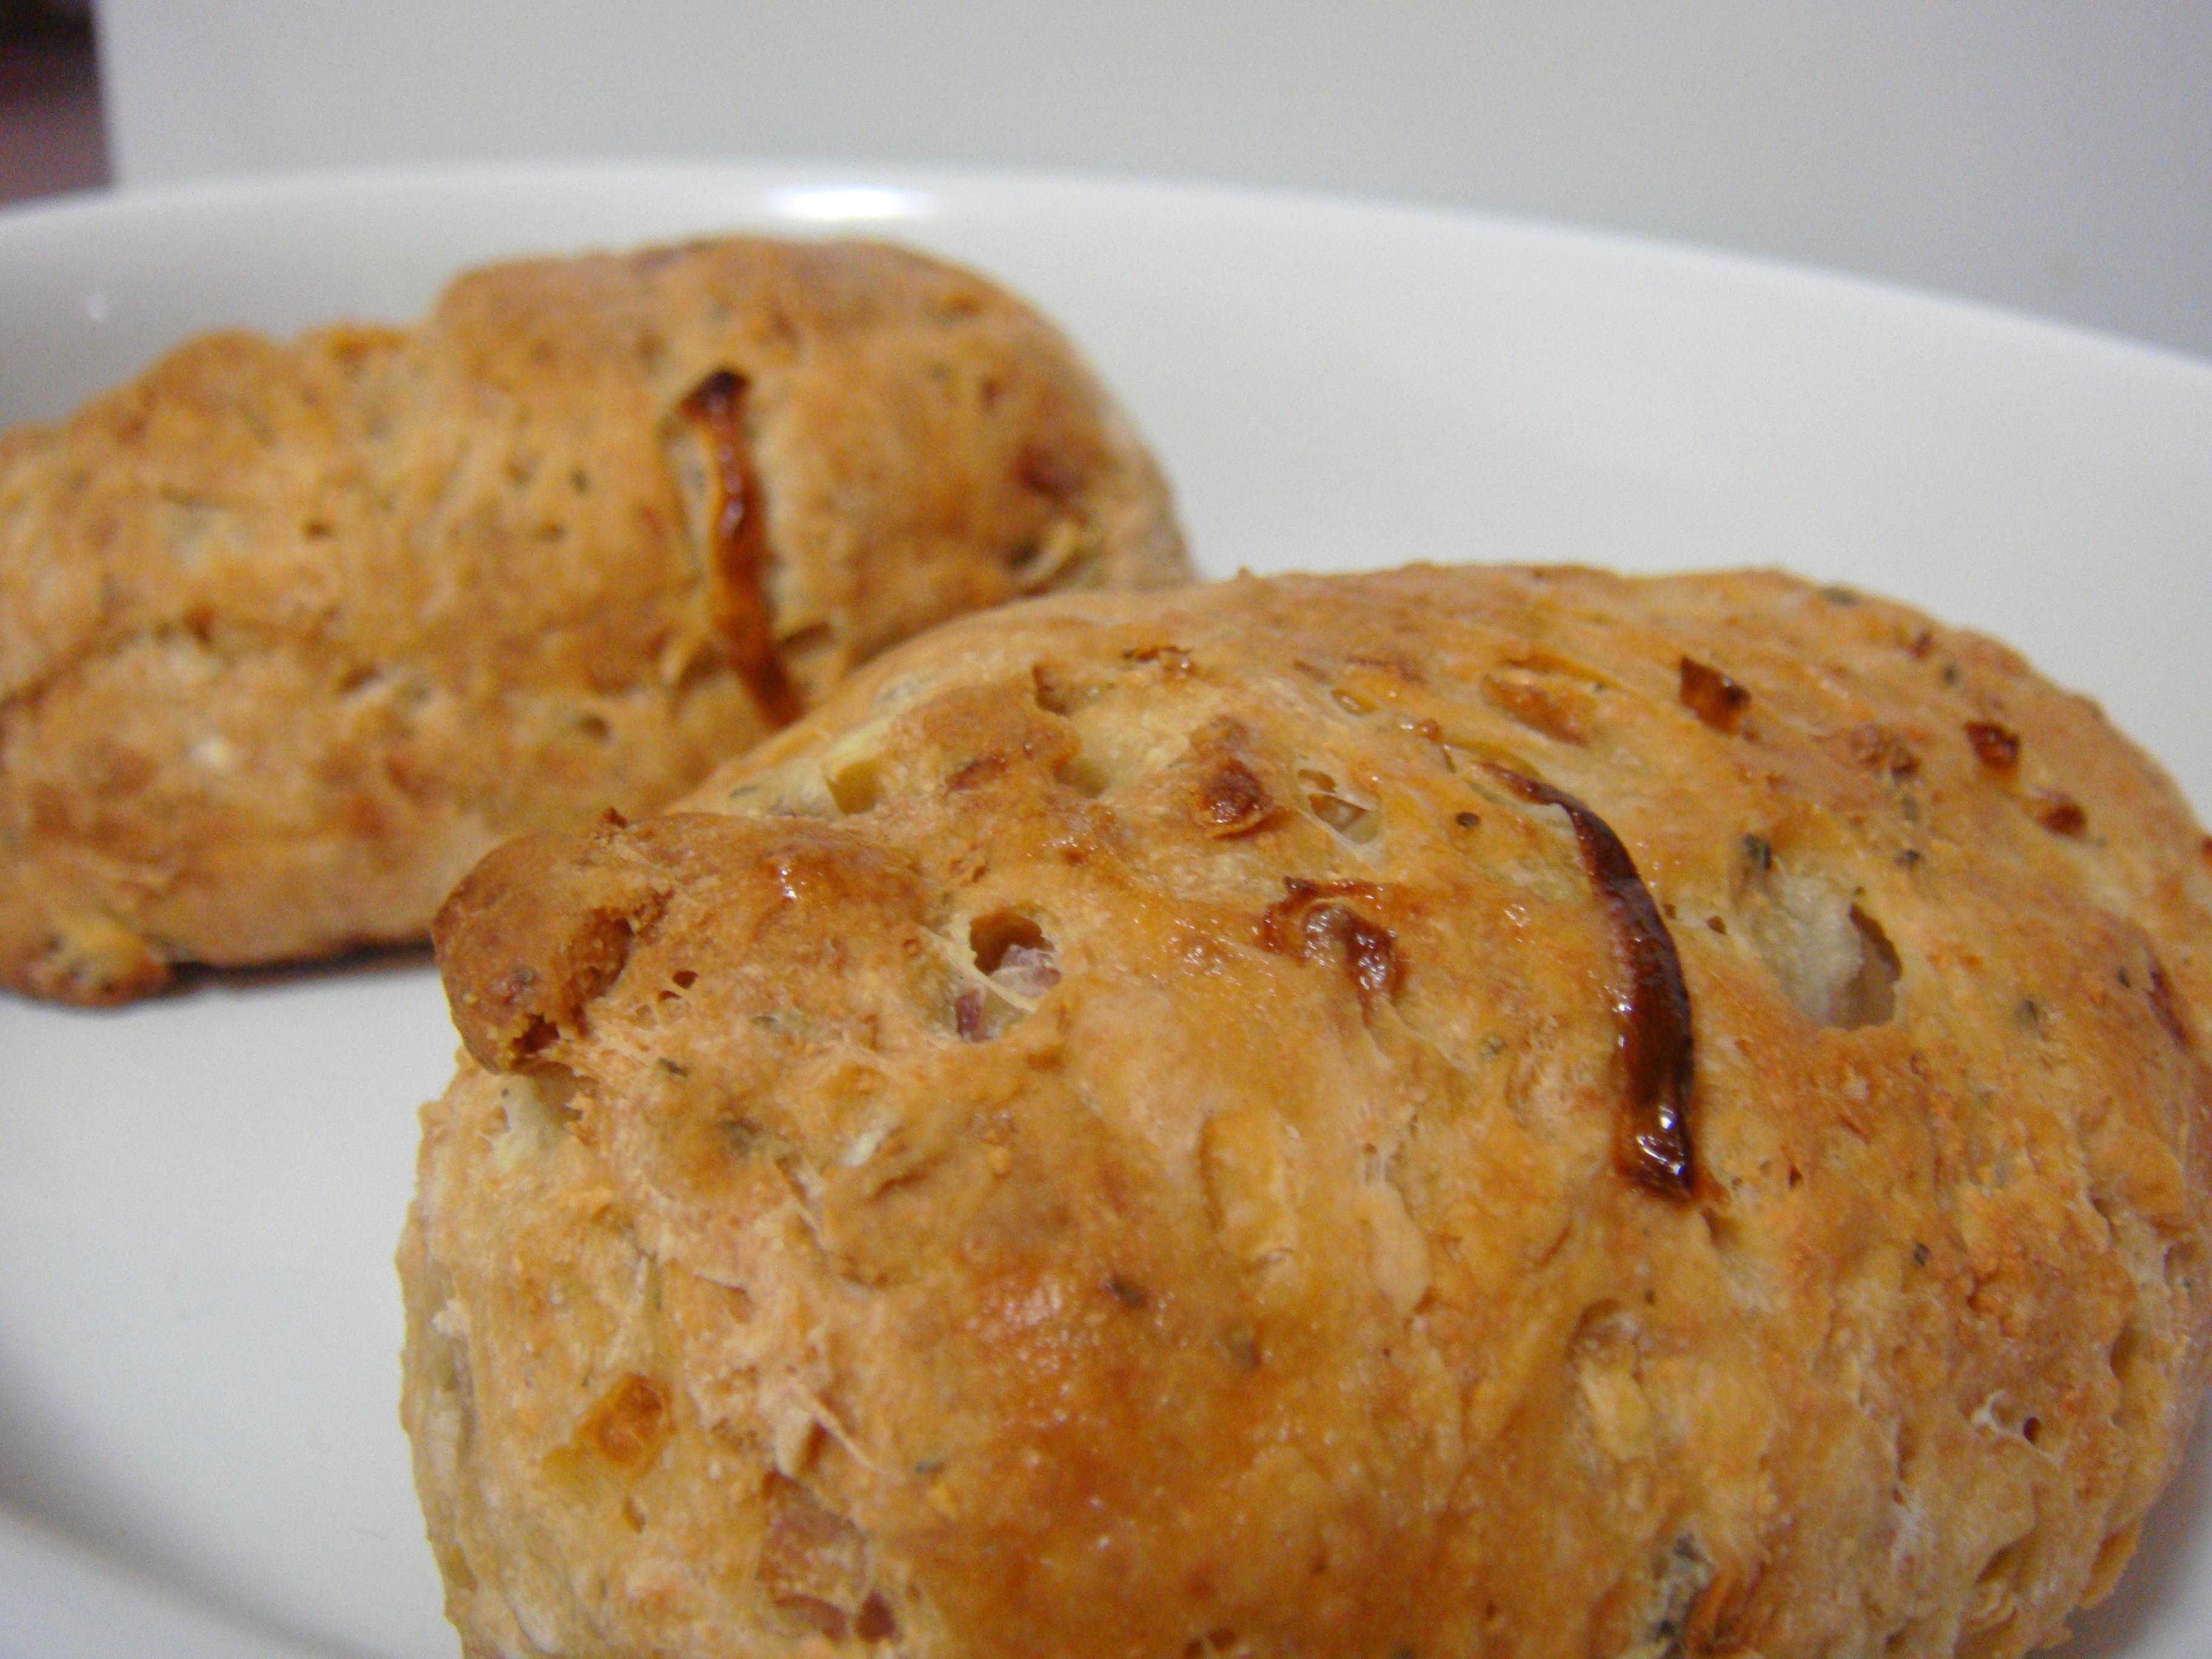 Freshly baked fragrant bread...